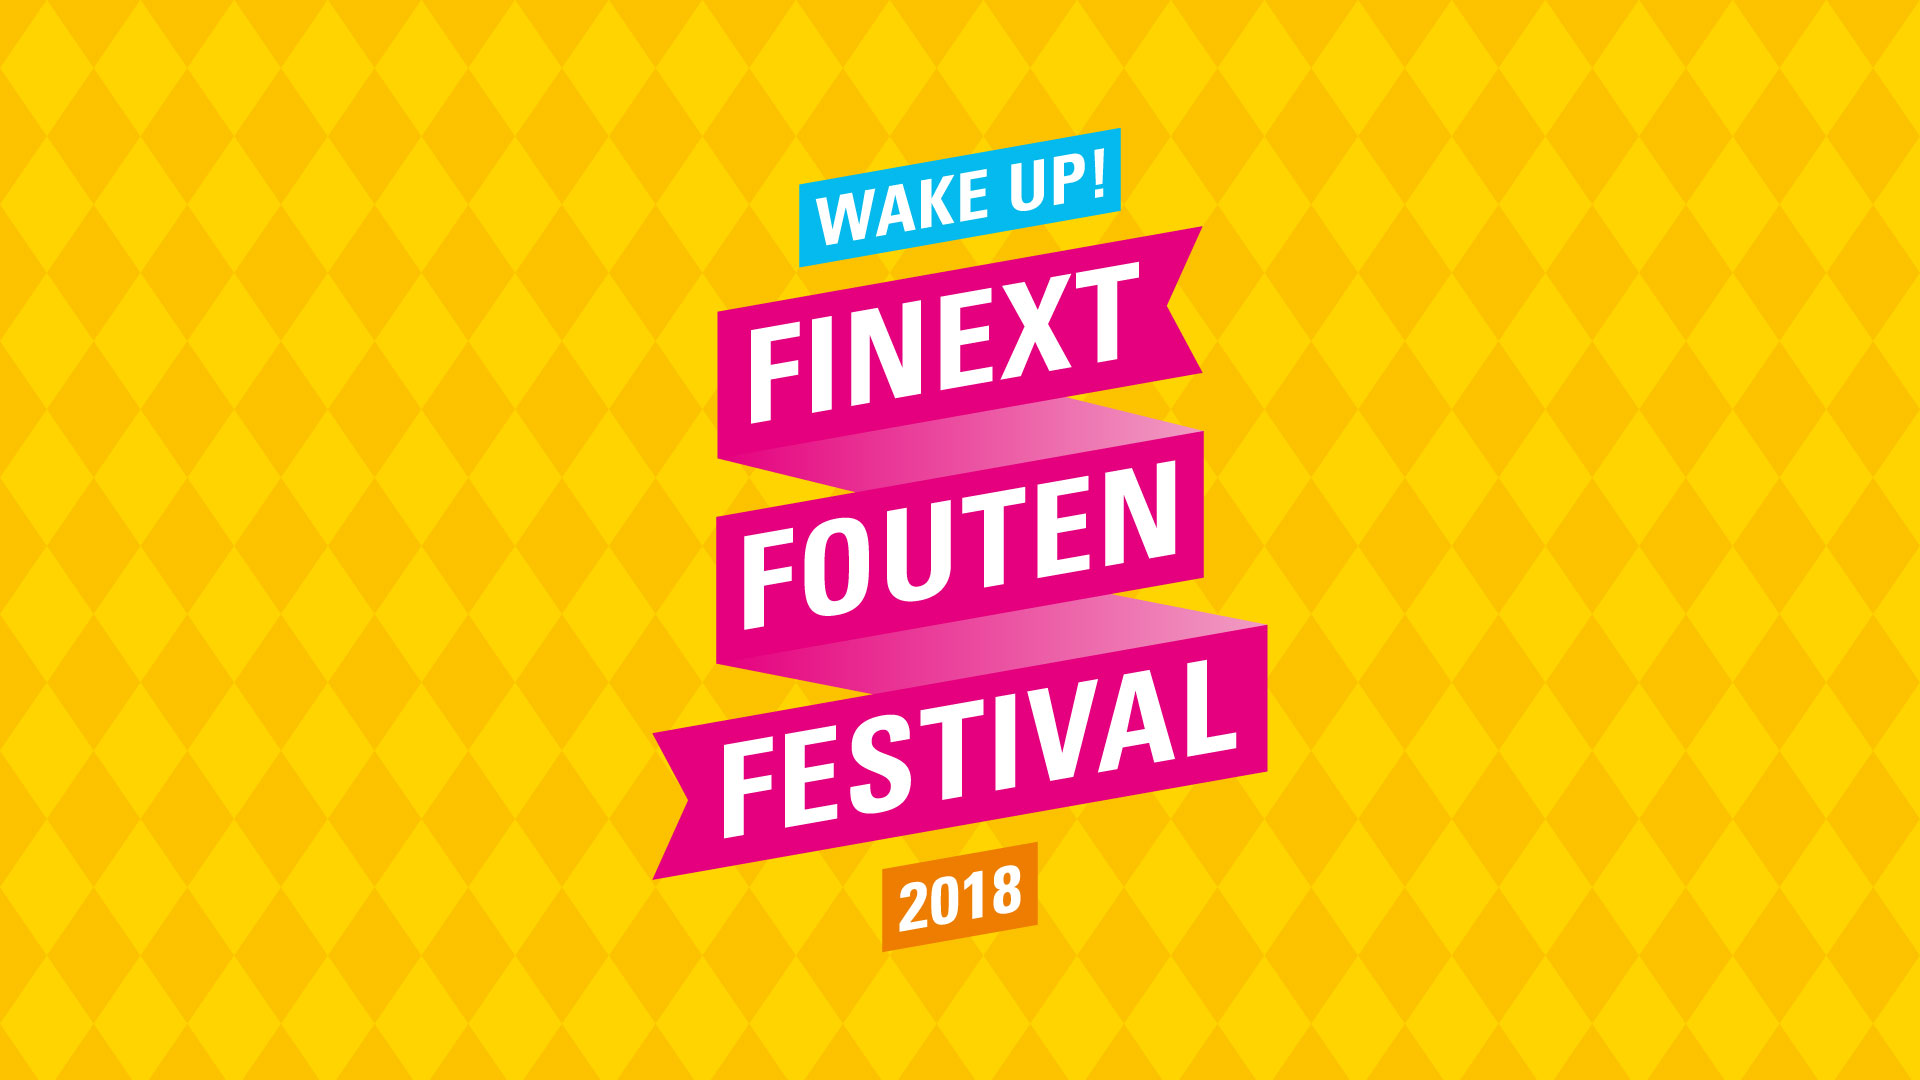 finext fouten festival